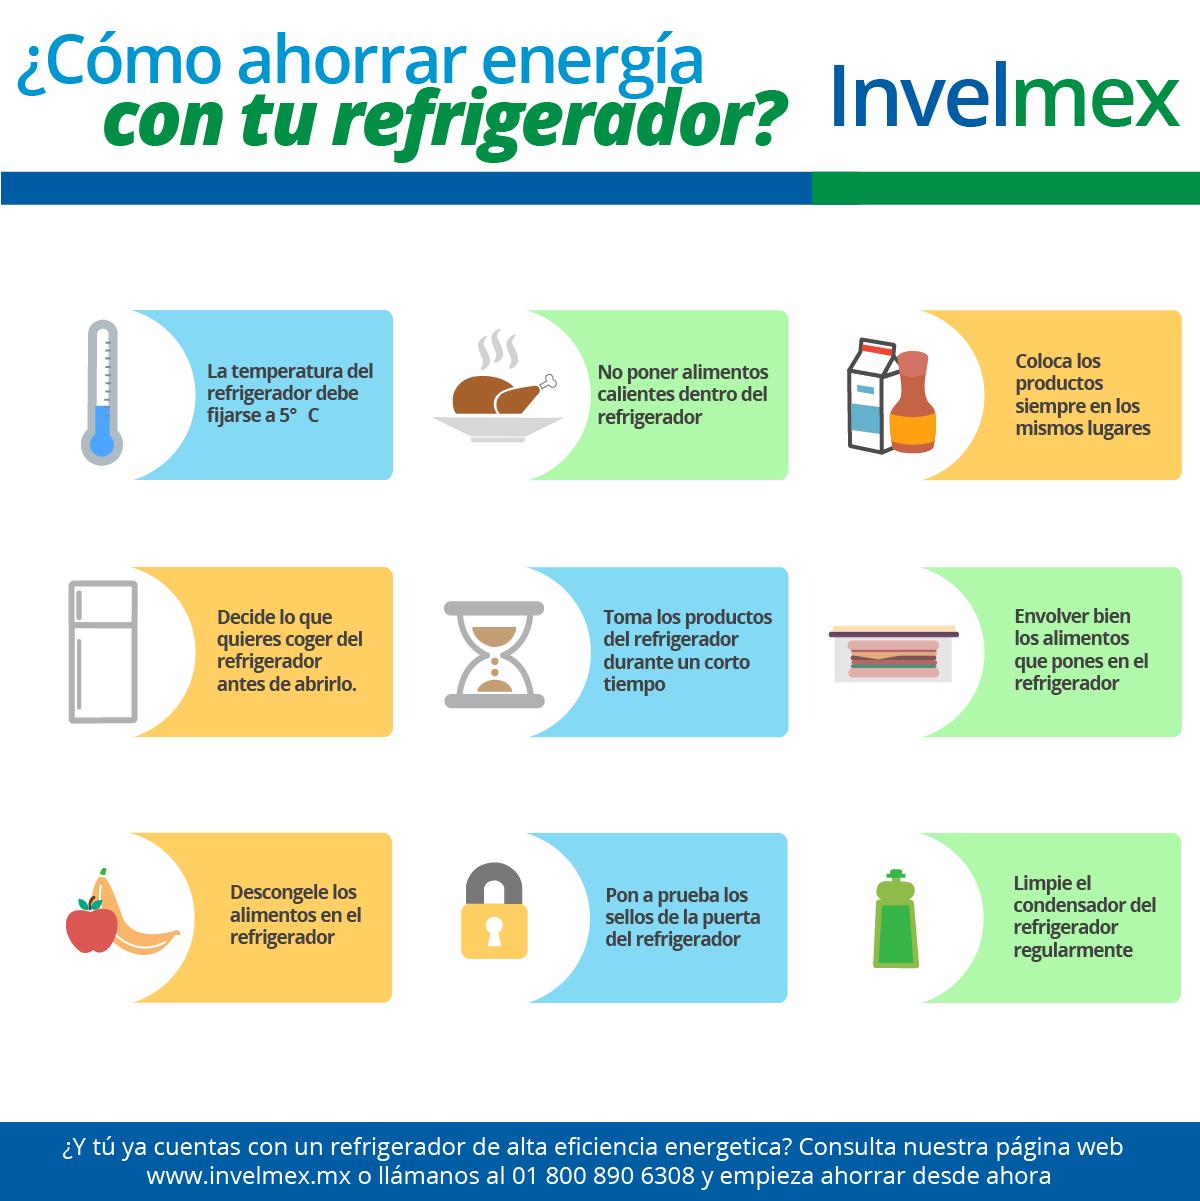 C Mo Ahorrar Energ A Con Tu Refrigerador Invelmex Refrigerador  ~ Medidas Para Ahorrar Energia En Casa